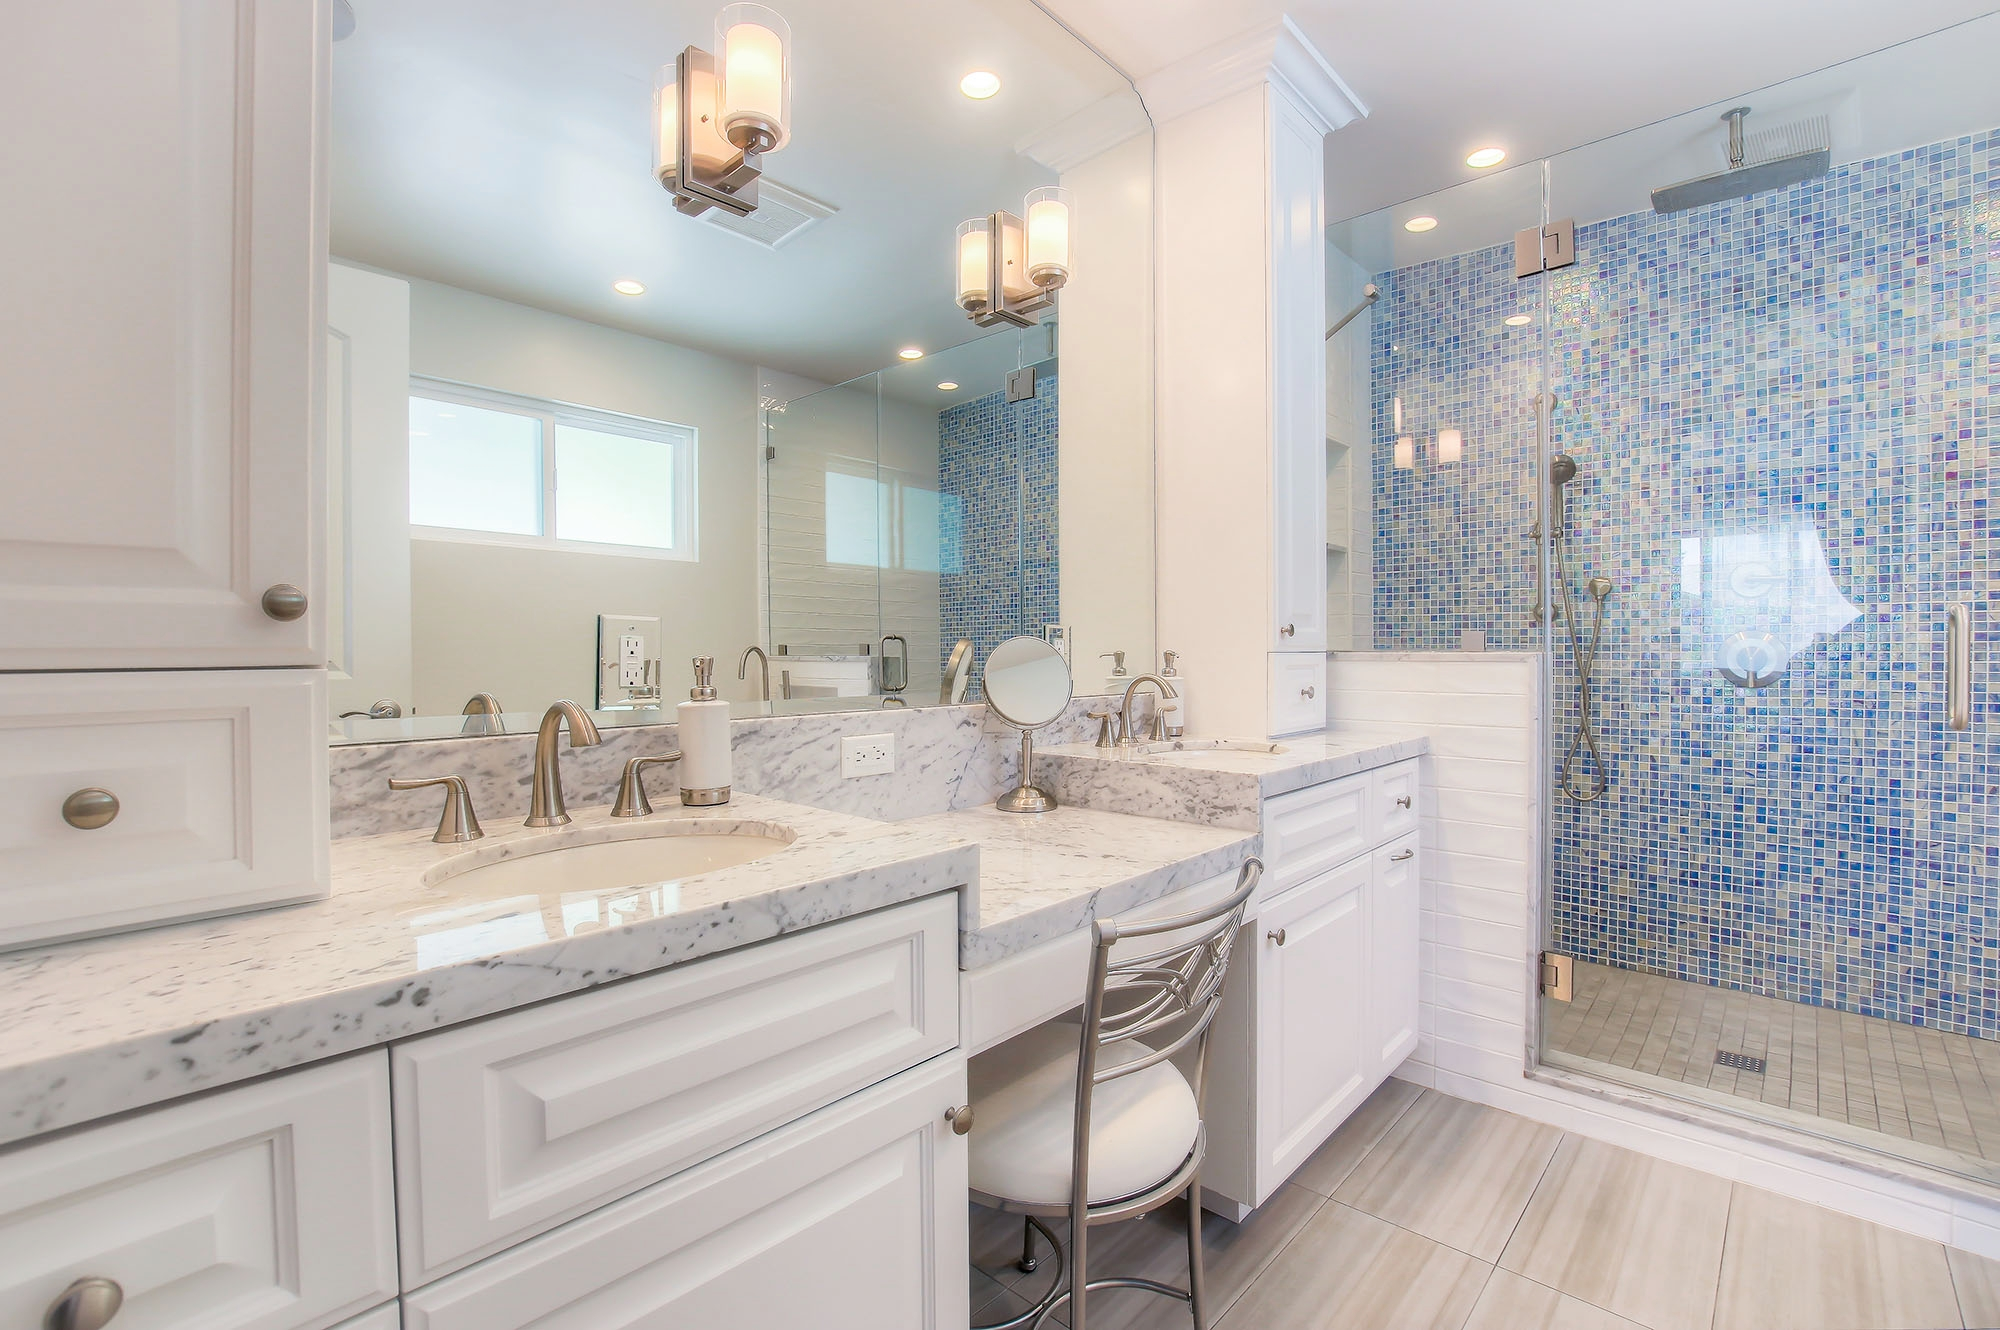 SAN FERNANDO VALLEY COMPLETE REMODEL SPAZIO LA - Bathroom remodel san fernando valley